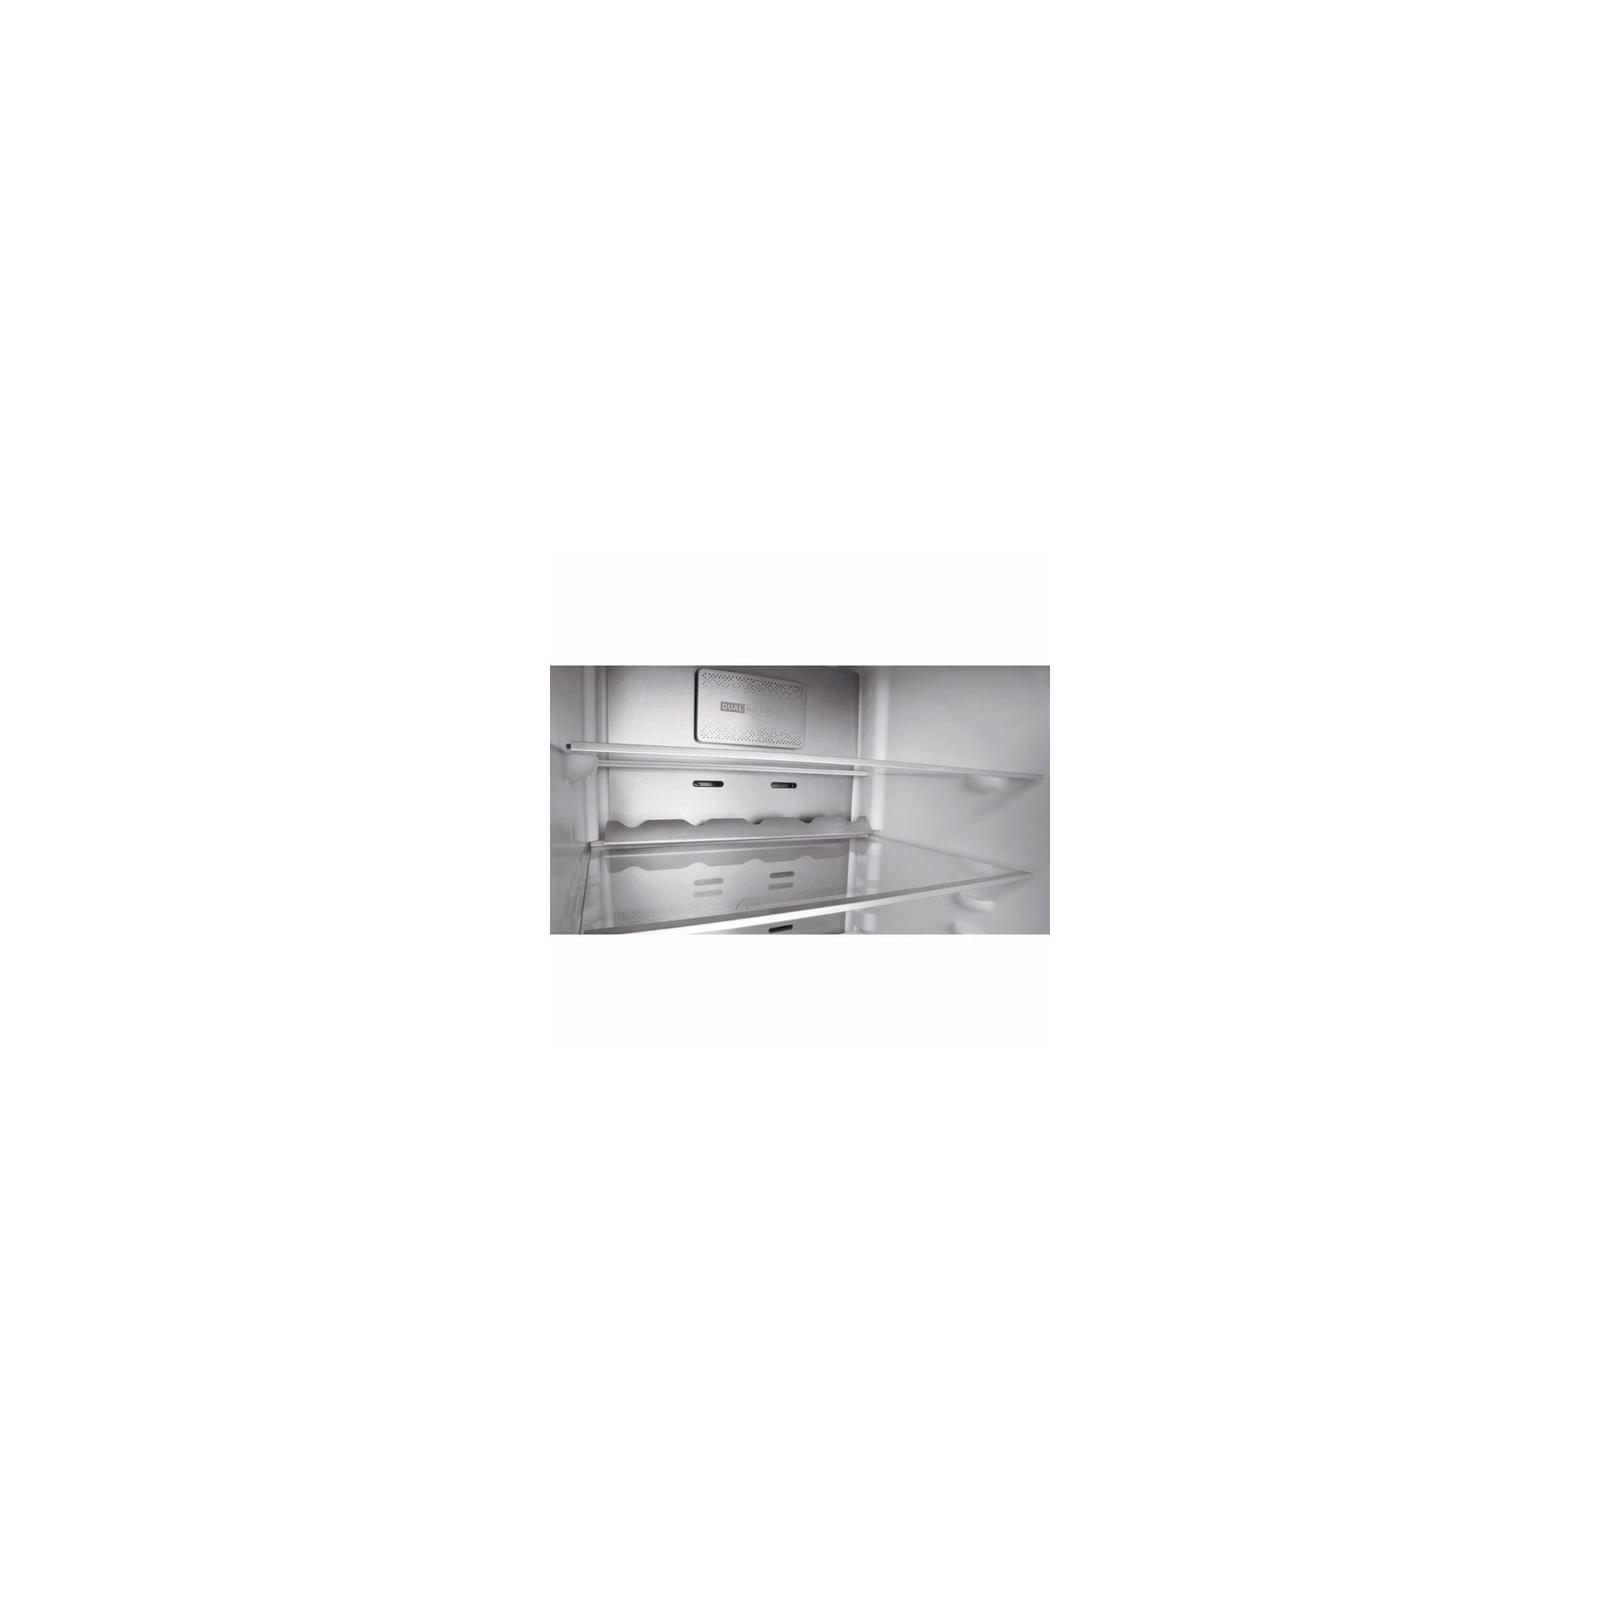 Холодильник Whirlpool W9931DKS изображение 4